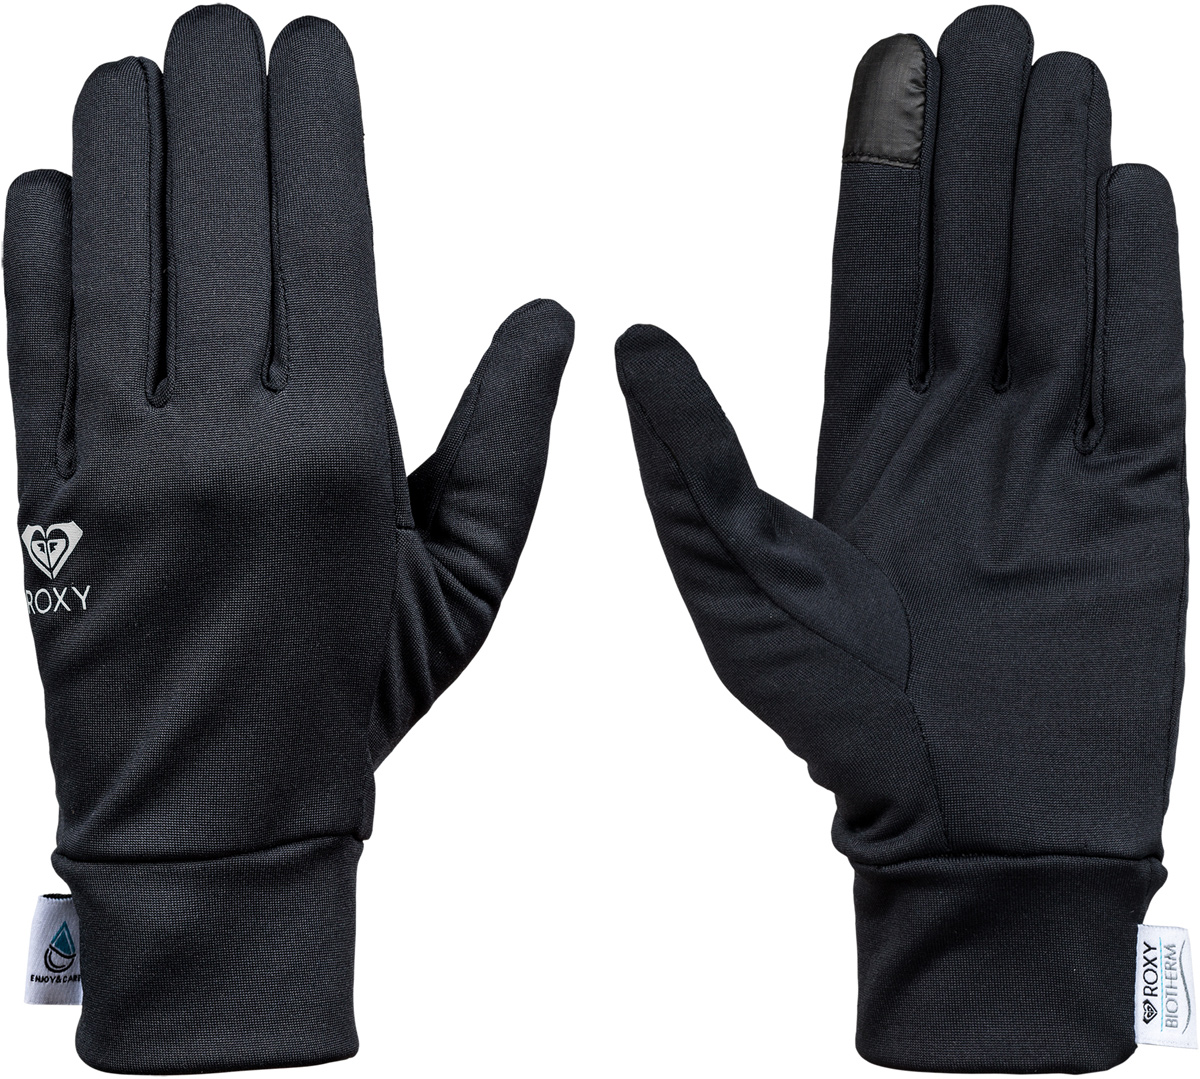 Перчатки женские Roxy Enjoy & Care, цвет: черный. ERJHN03073-KVJ0. Размер S (6,5)ERJHN03073-KVJ0Сноубордические перчатки Roxy Enjoy & Care выполнены из технологичного эластичного текстиля Polartec Power Stretch с подкладкой из косметотекстиля Enjoy & Care. Широкие манжеты обеспечивают комфортную посадку модели на руке. Указательный палец подходит для пользования тачскрином.